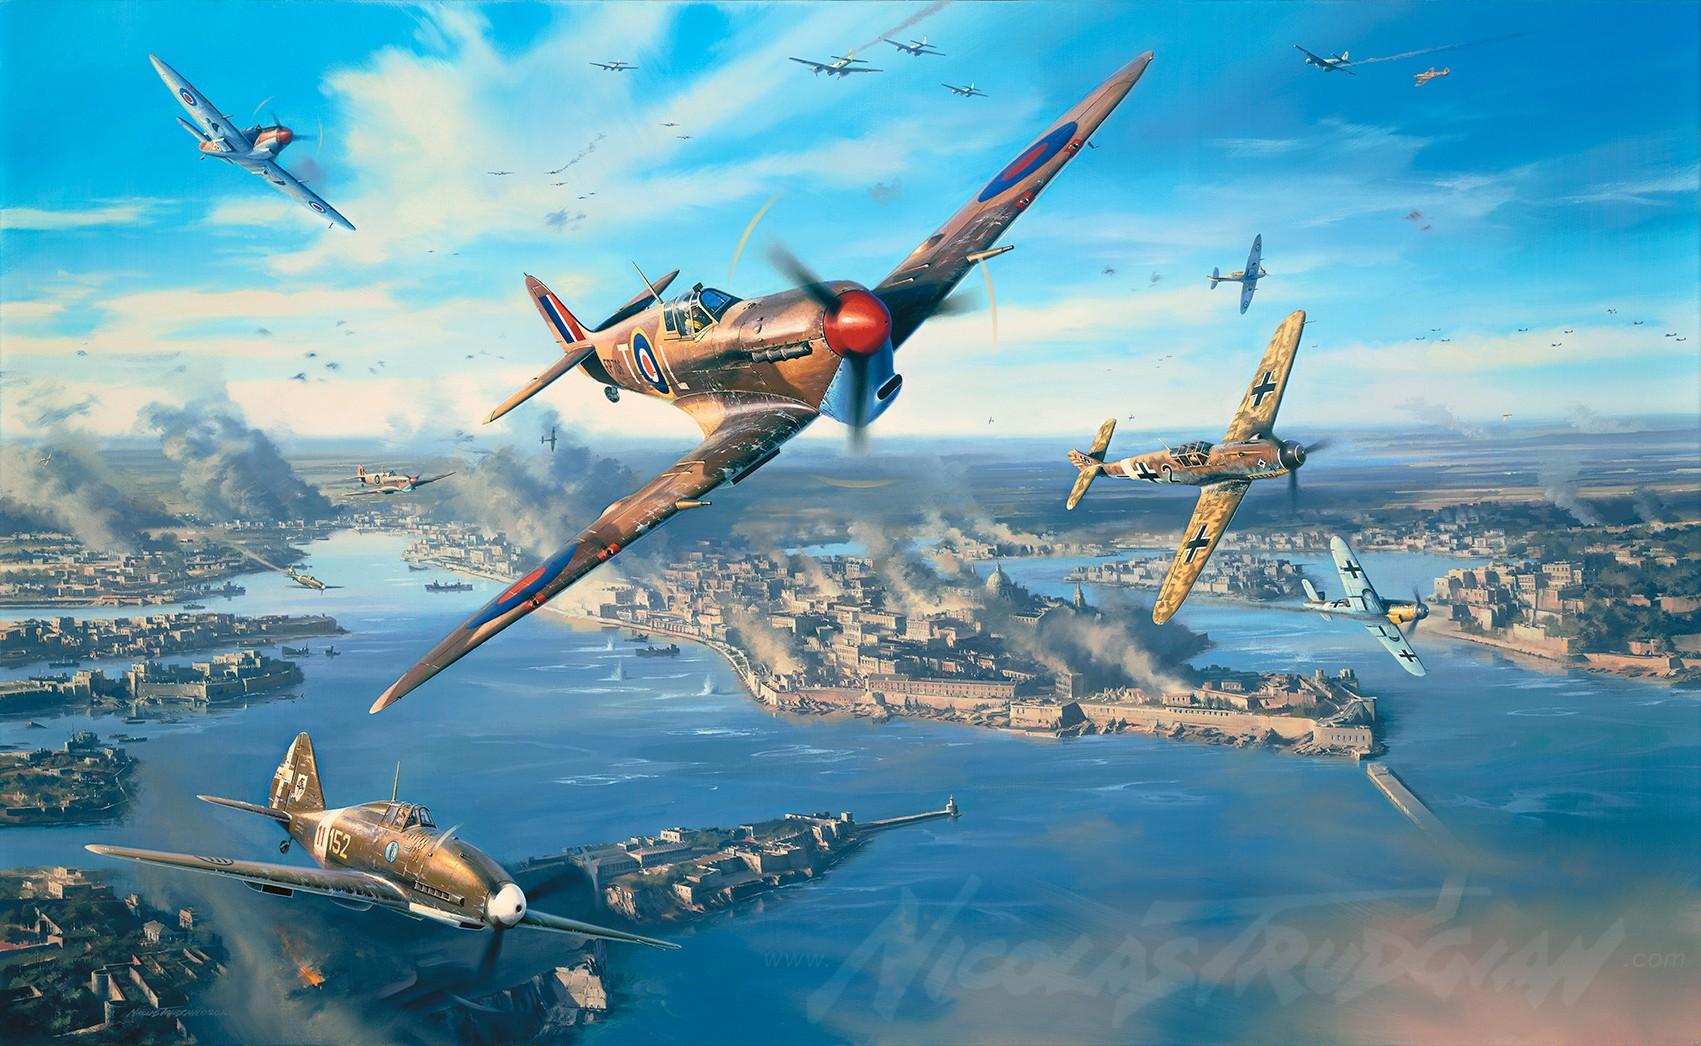 1701x1046 px dogfight Luftwaffe Malta Messerschmitt Bf 109 military aircraft Royal Airforce Supermarine Spitfire World War